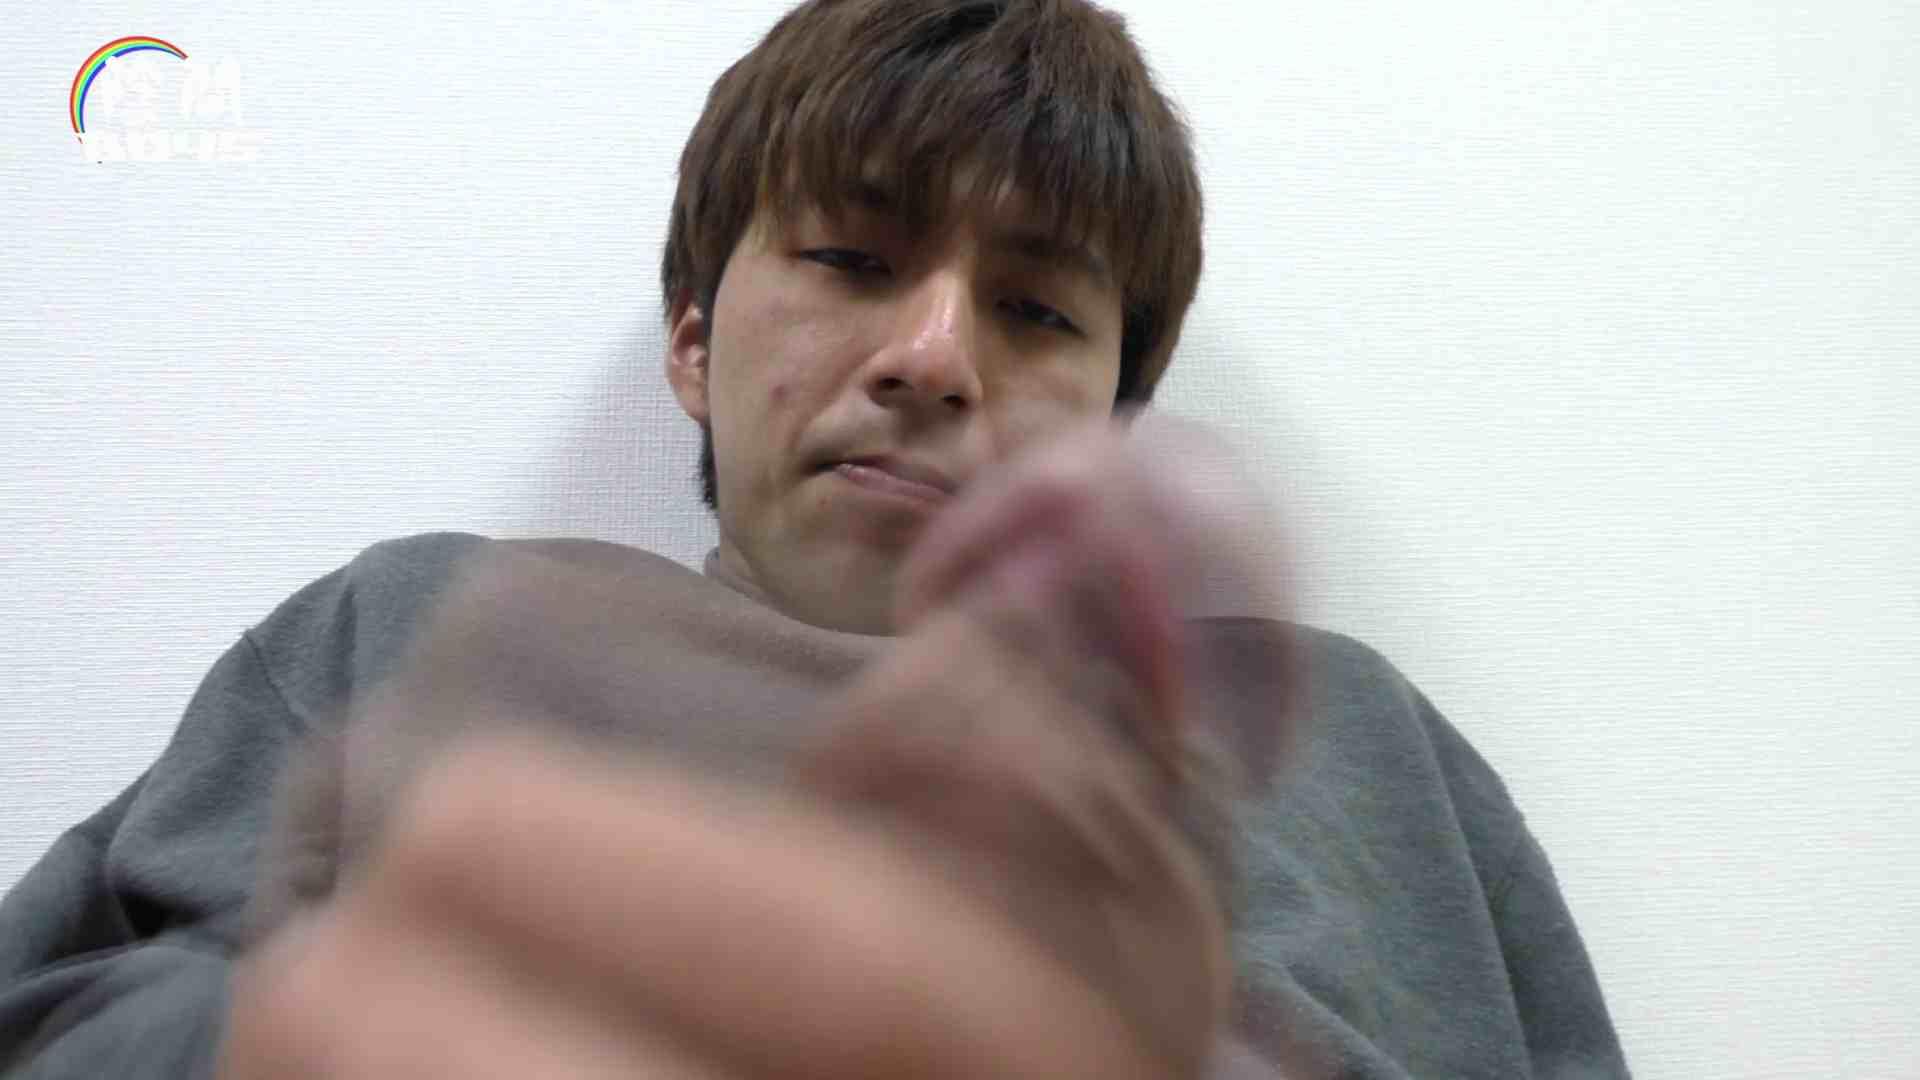 アナルは決して眠らない No.01 ゲイのオナニー映像 ゲイ精子画像 78枚 78